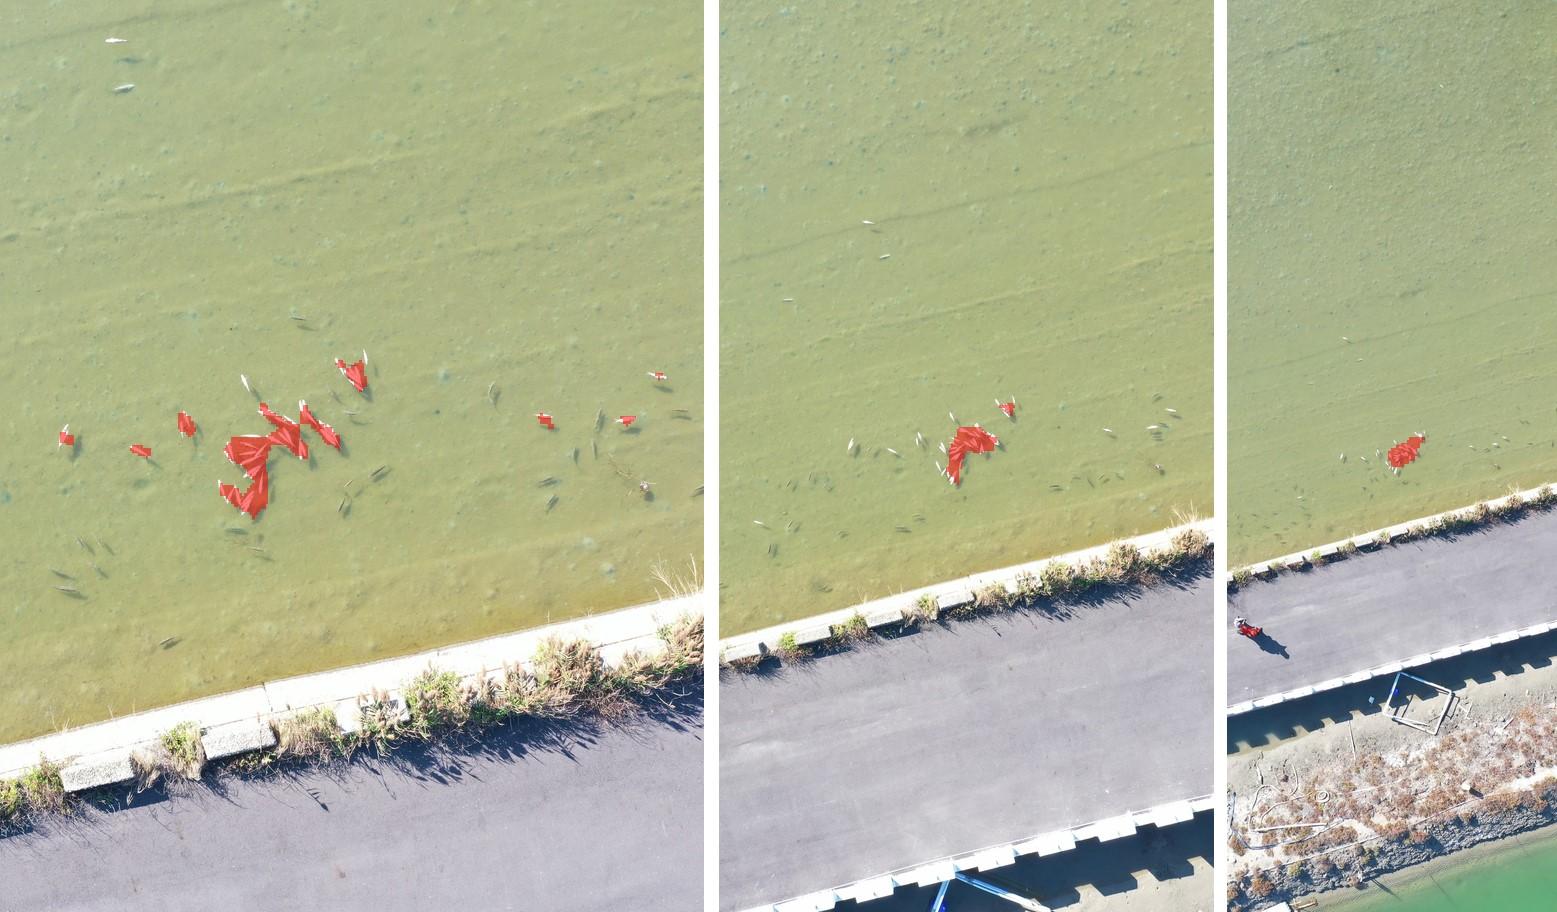 圖3、由左至右分別為18公尺、34公尺,以及64公尺航高偵測結果(紅色範圍為深度學習模型自動標記的魚體堆疊區域)